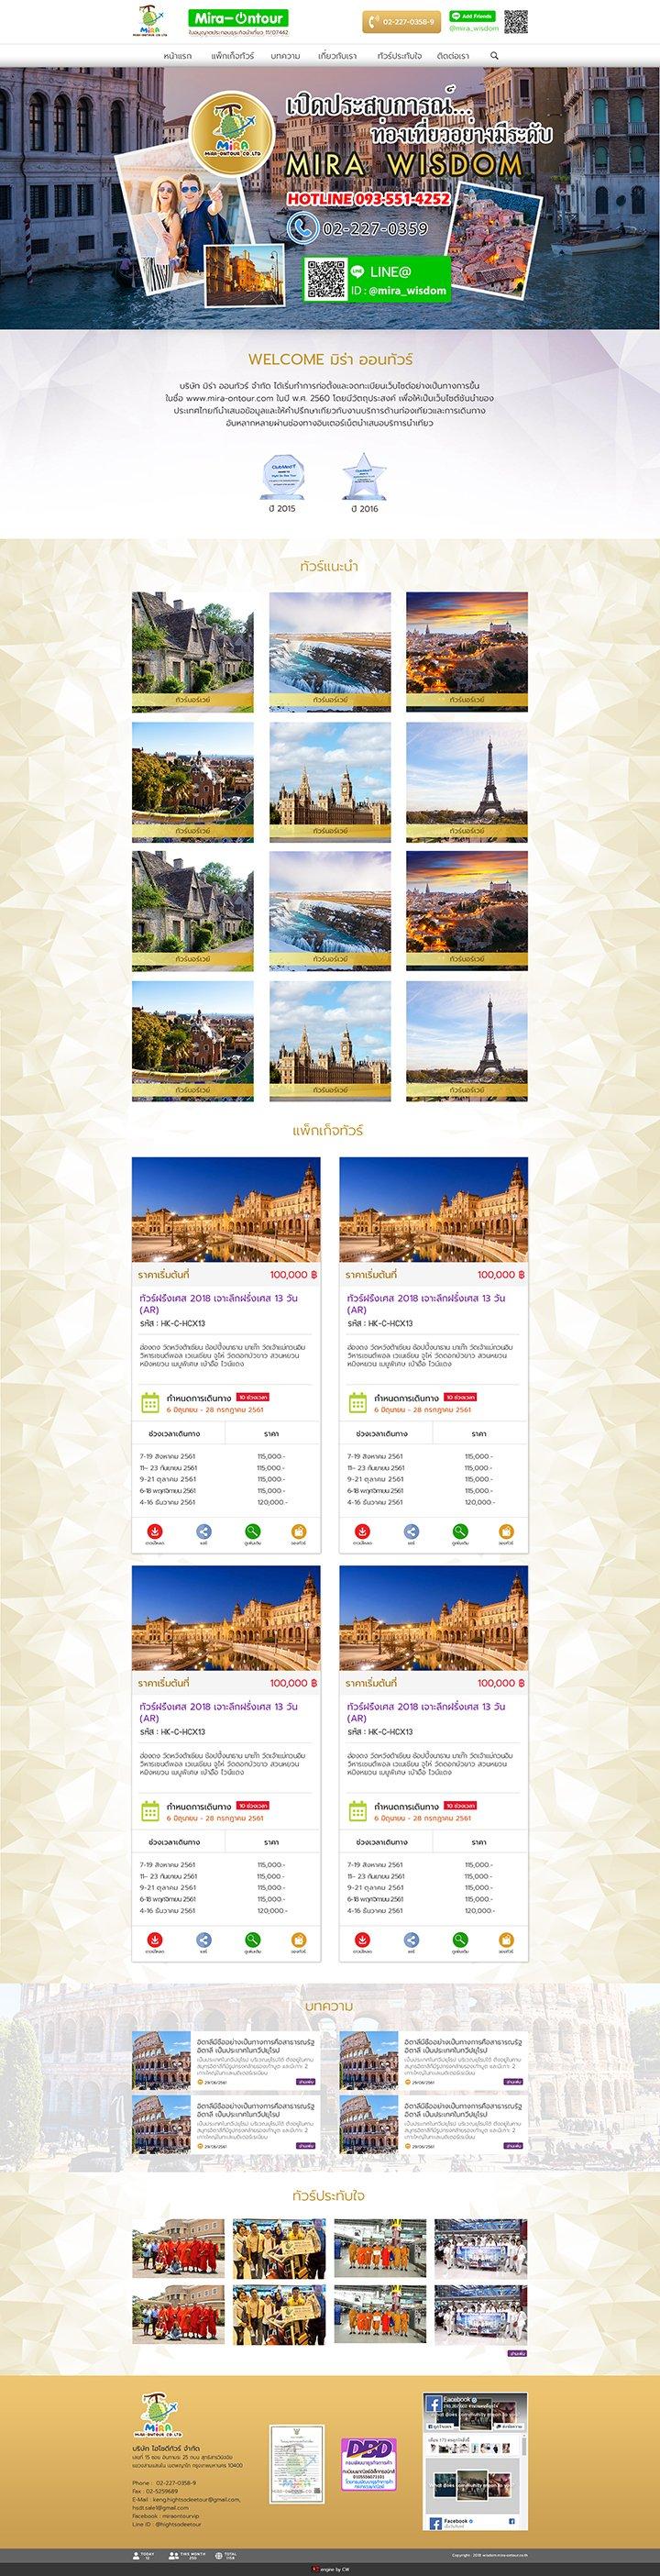 บริษัทรับทำเว็บไซต์ทัวร์ฮ่องกง,ออกแบบเว็บไซต์ทัวร์ยุโรป,เว็บบริษัทและองค์กรทัวร์ท่องเที่ยว